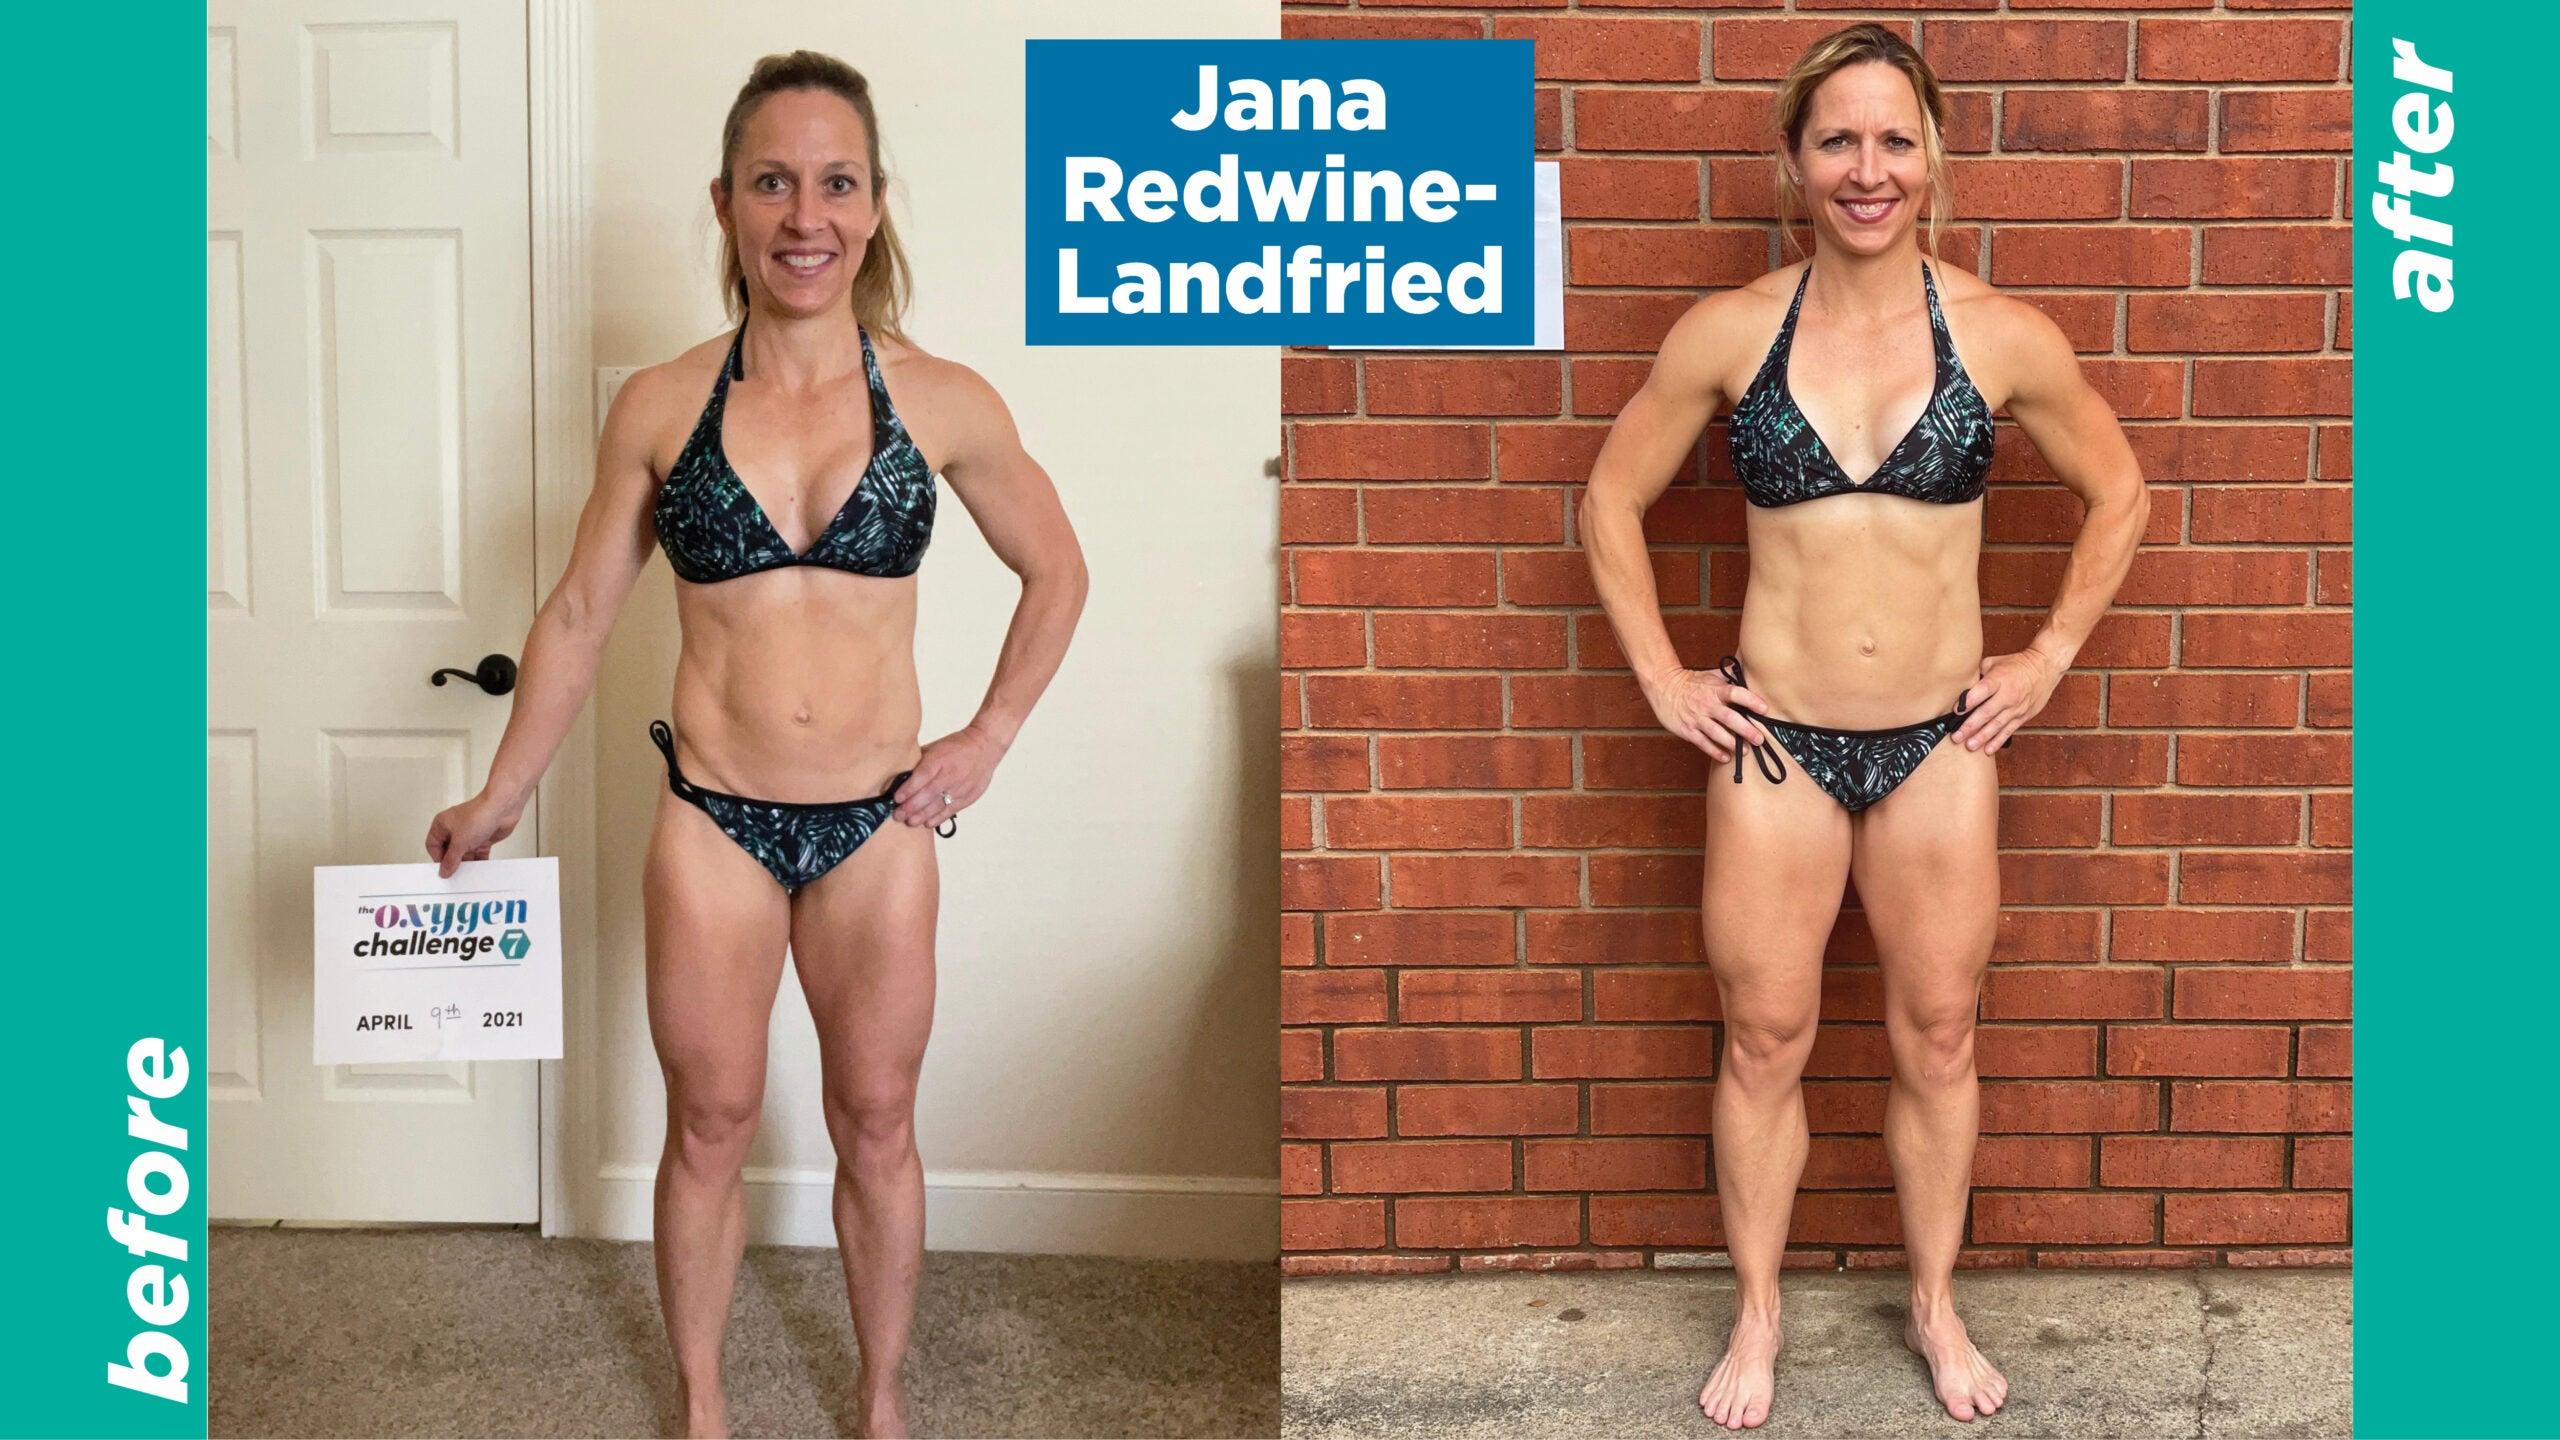 Jana Redwine-Landfried 2